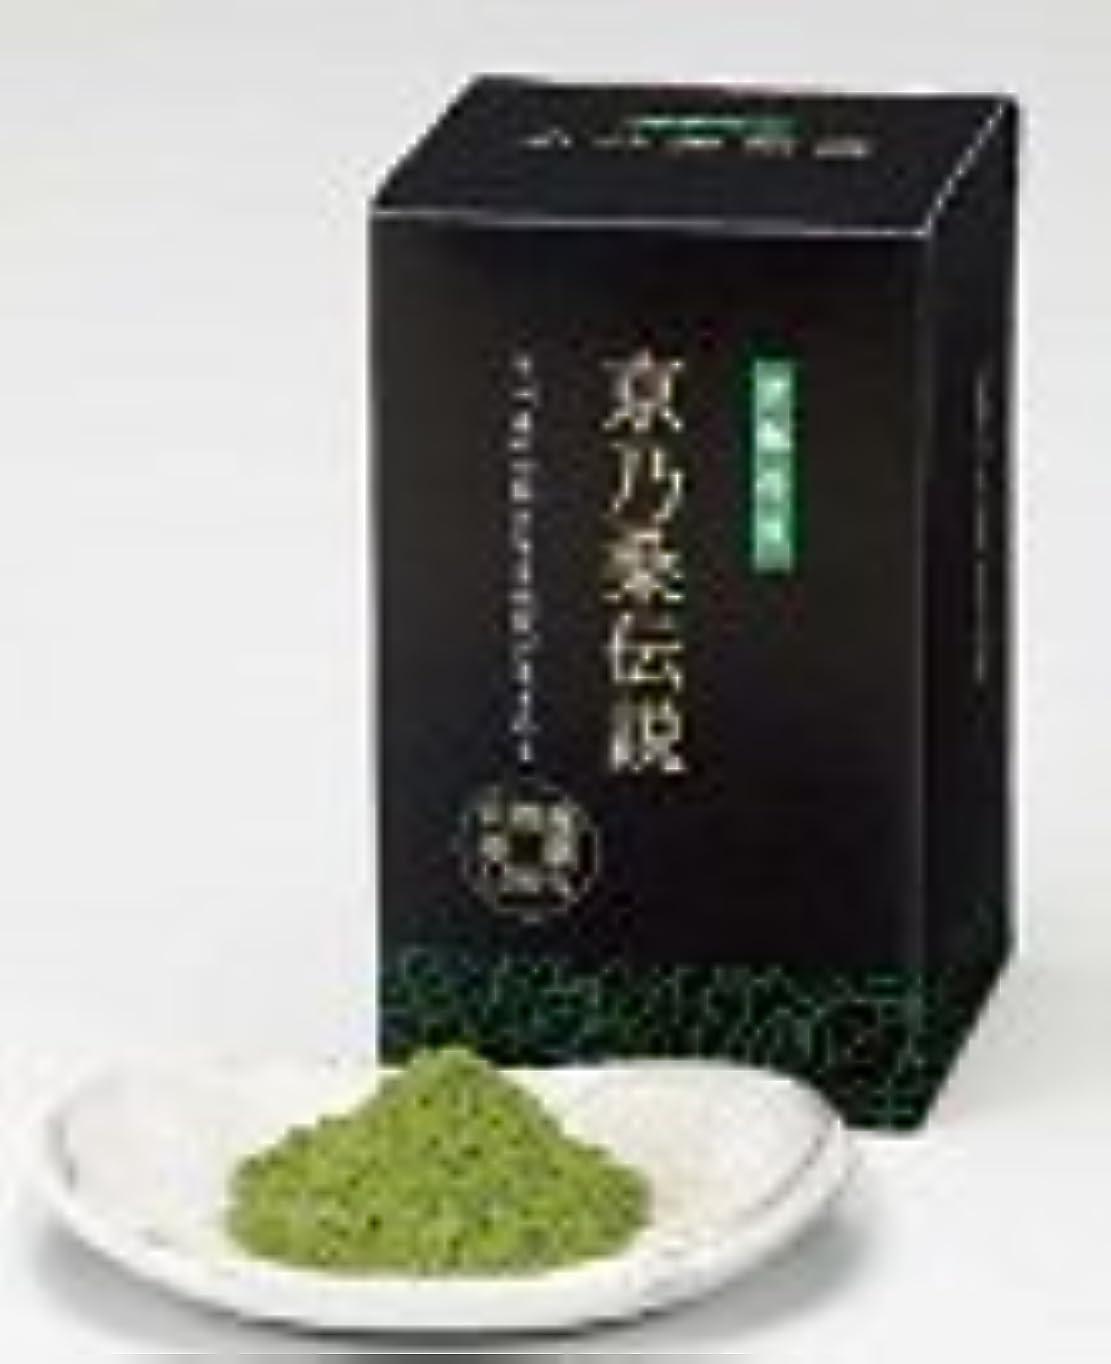 薬用細分化するキャリア京乃桑伝説(桑の葉粉茶、青汁)お試し10袋入り